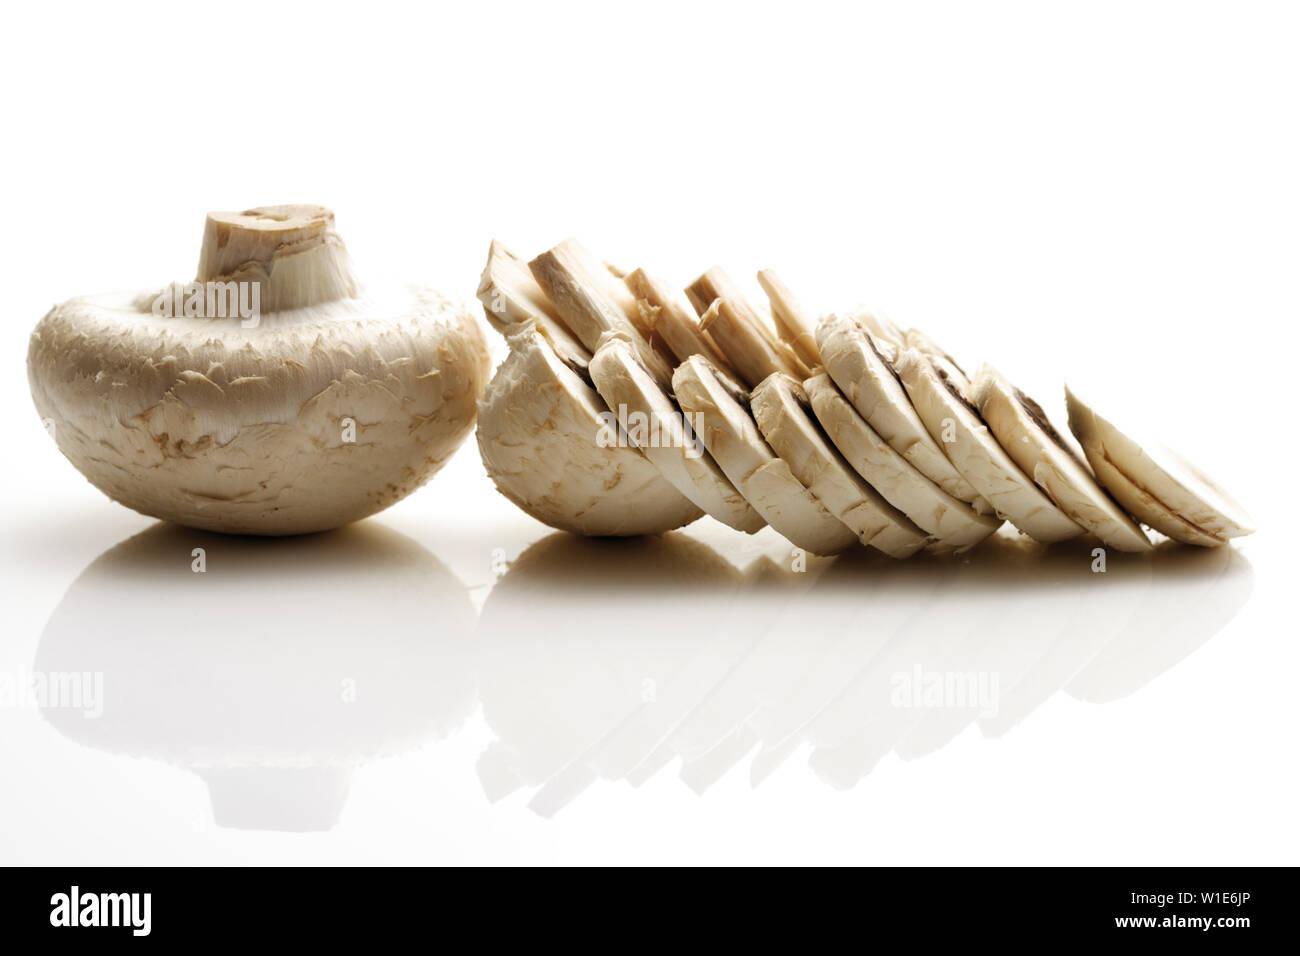 mushroom,mushroom slice - Stock Image